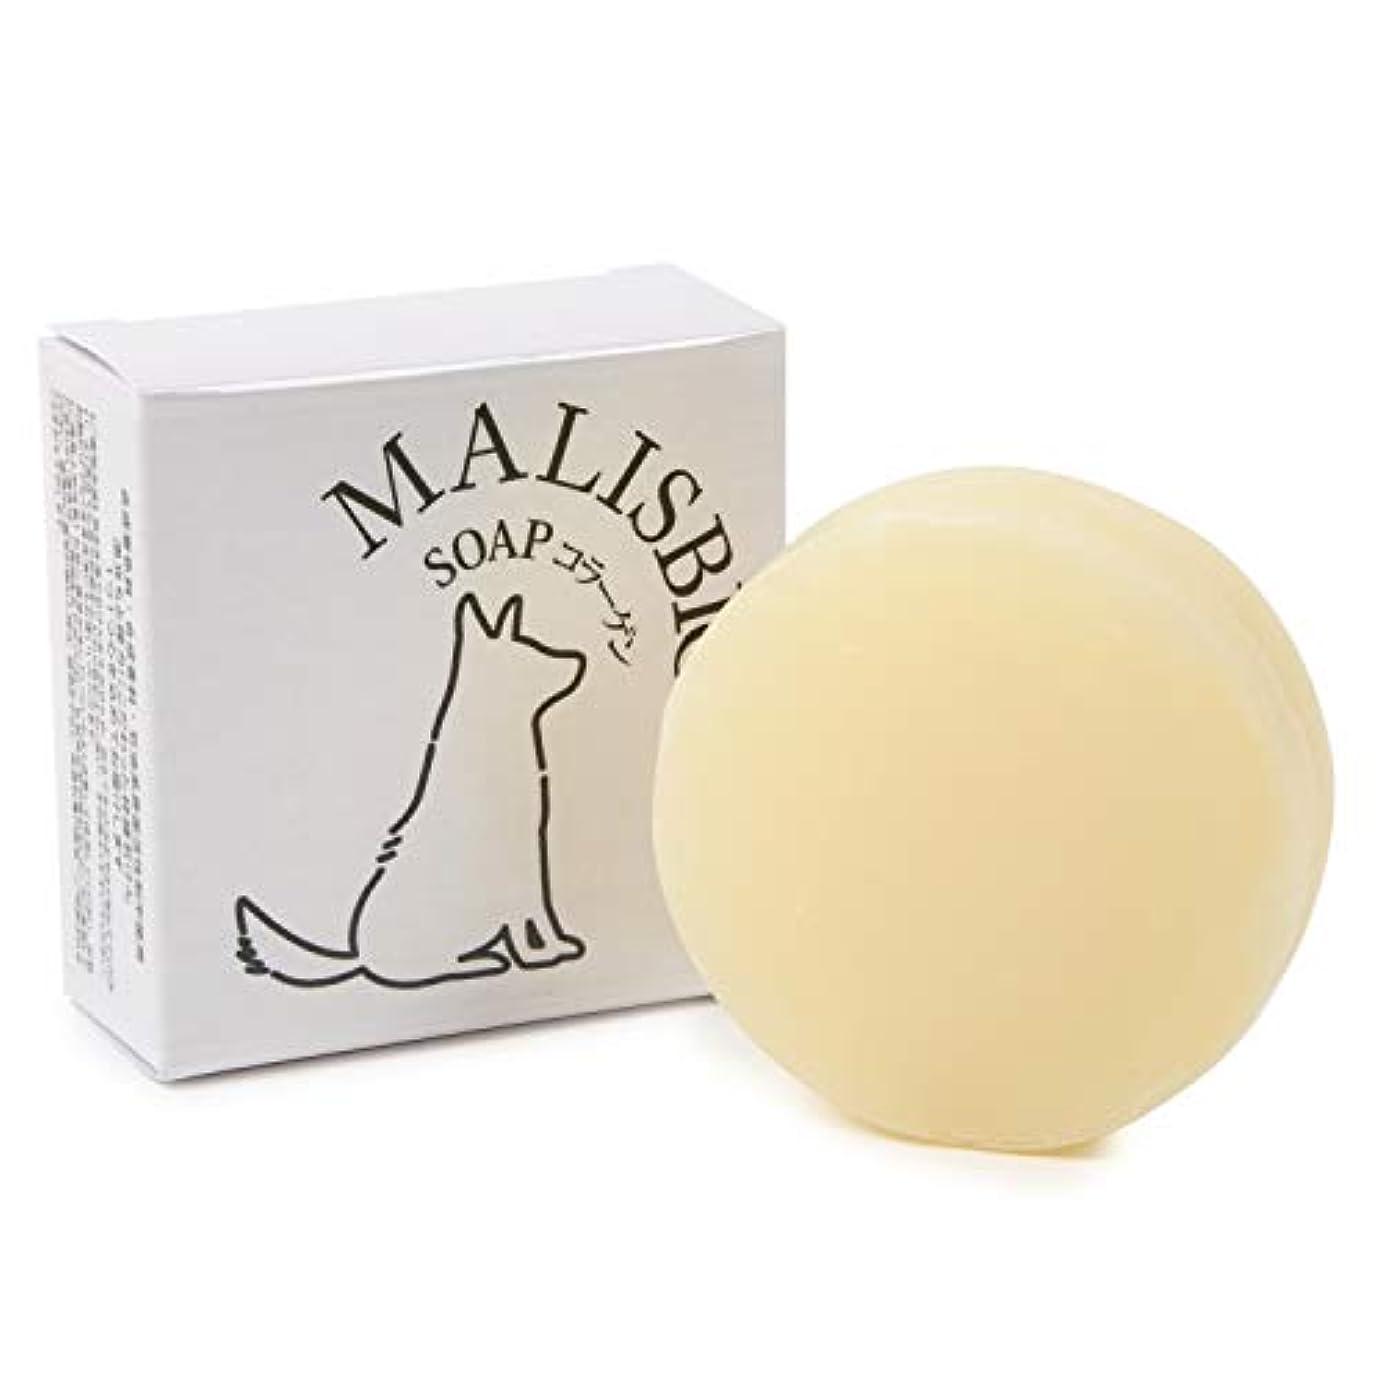 シリアル導出ベックスコラーゲンソープ 洗顔石鹸 固形 無添加 お肌に優しい成分のみ 敏感肌 毛穴にも 日本製 マリスビオ